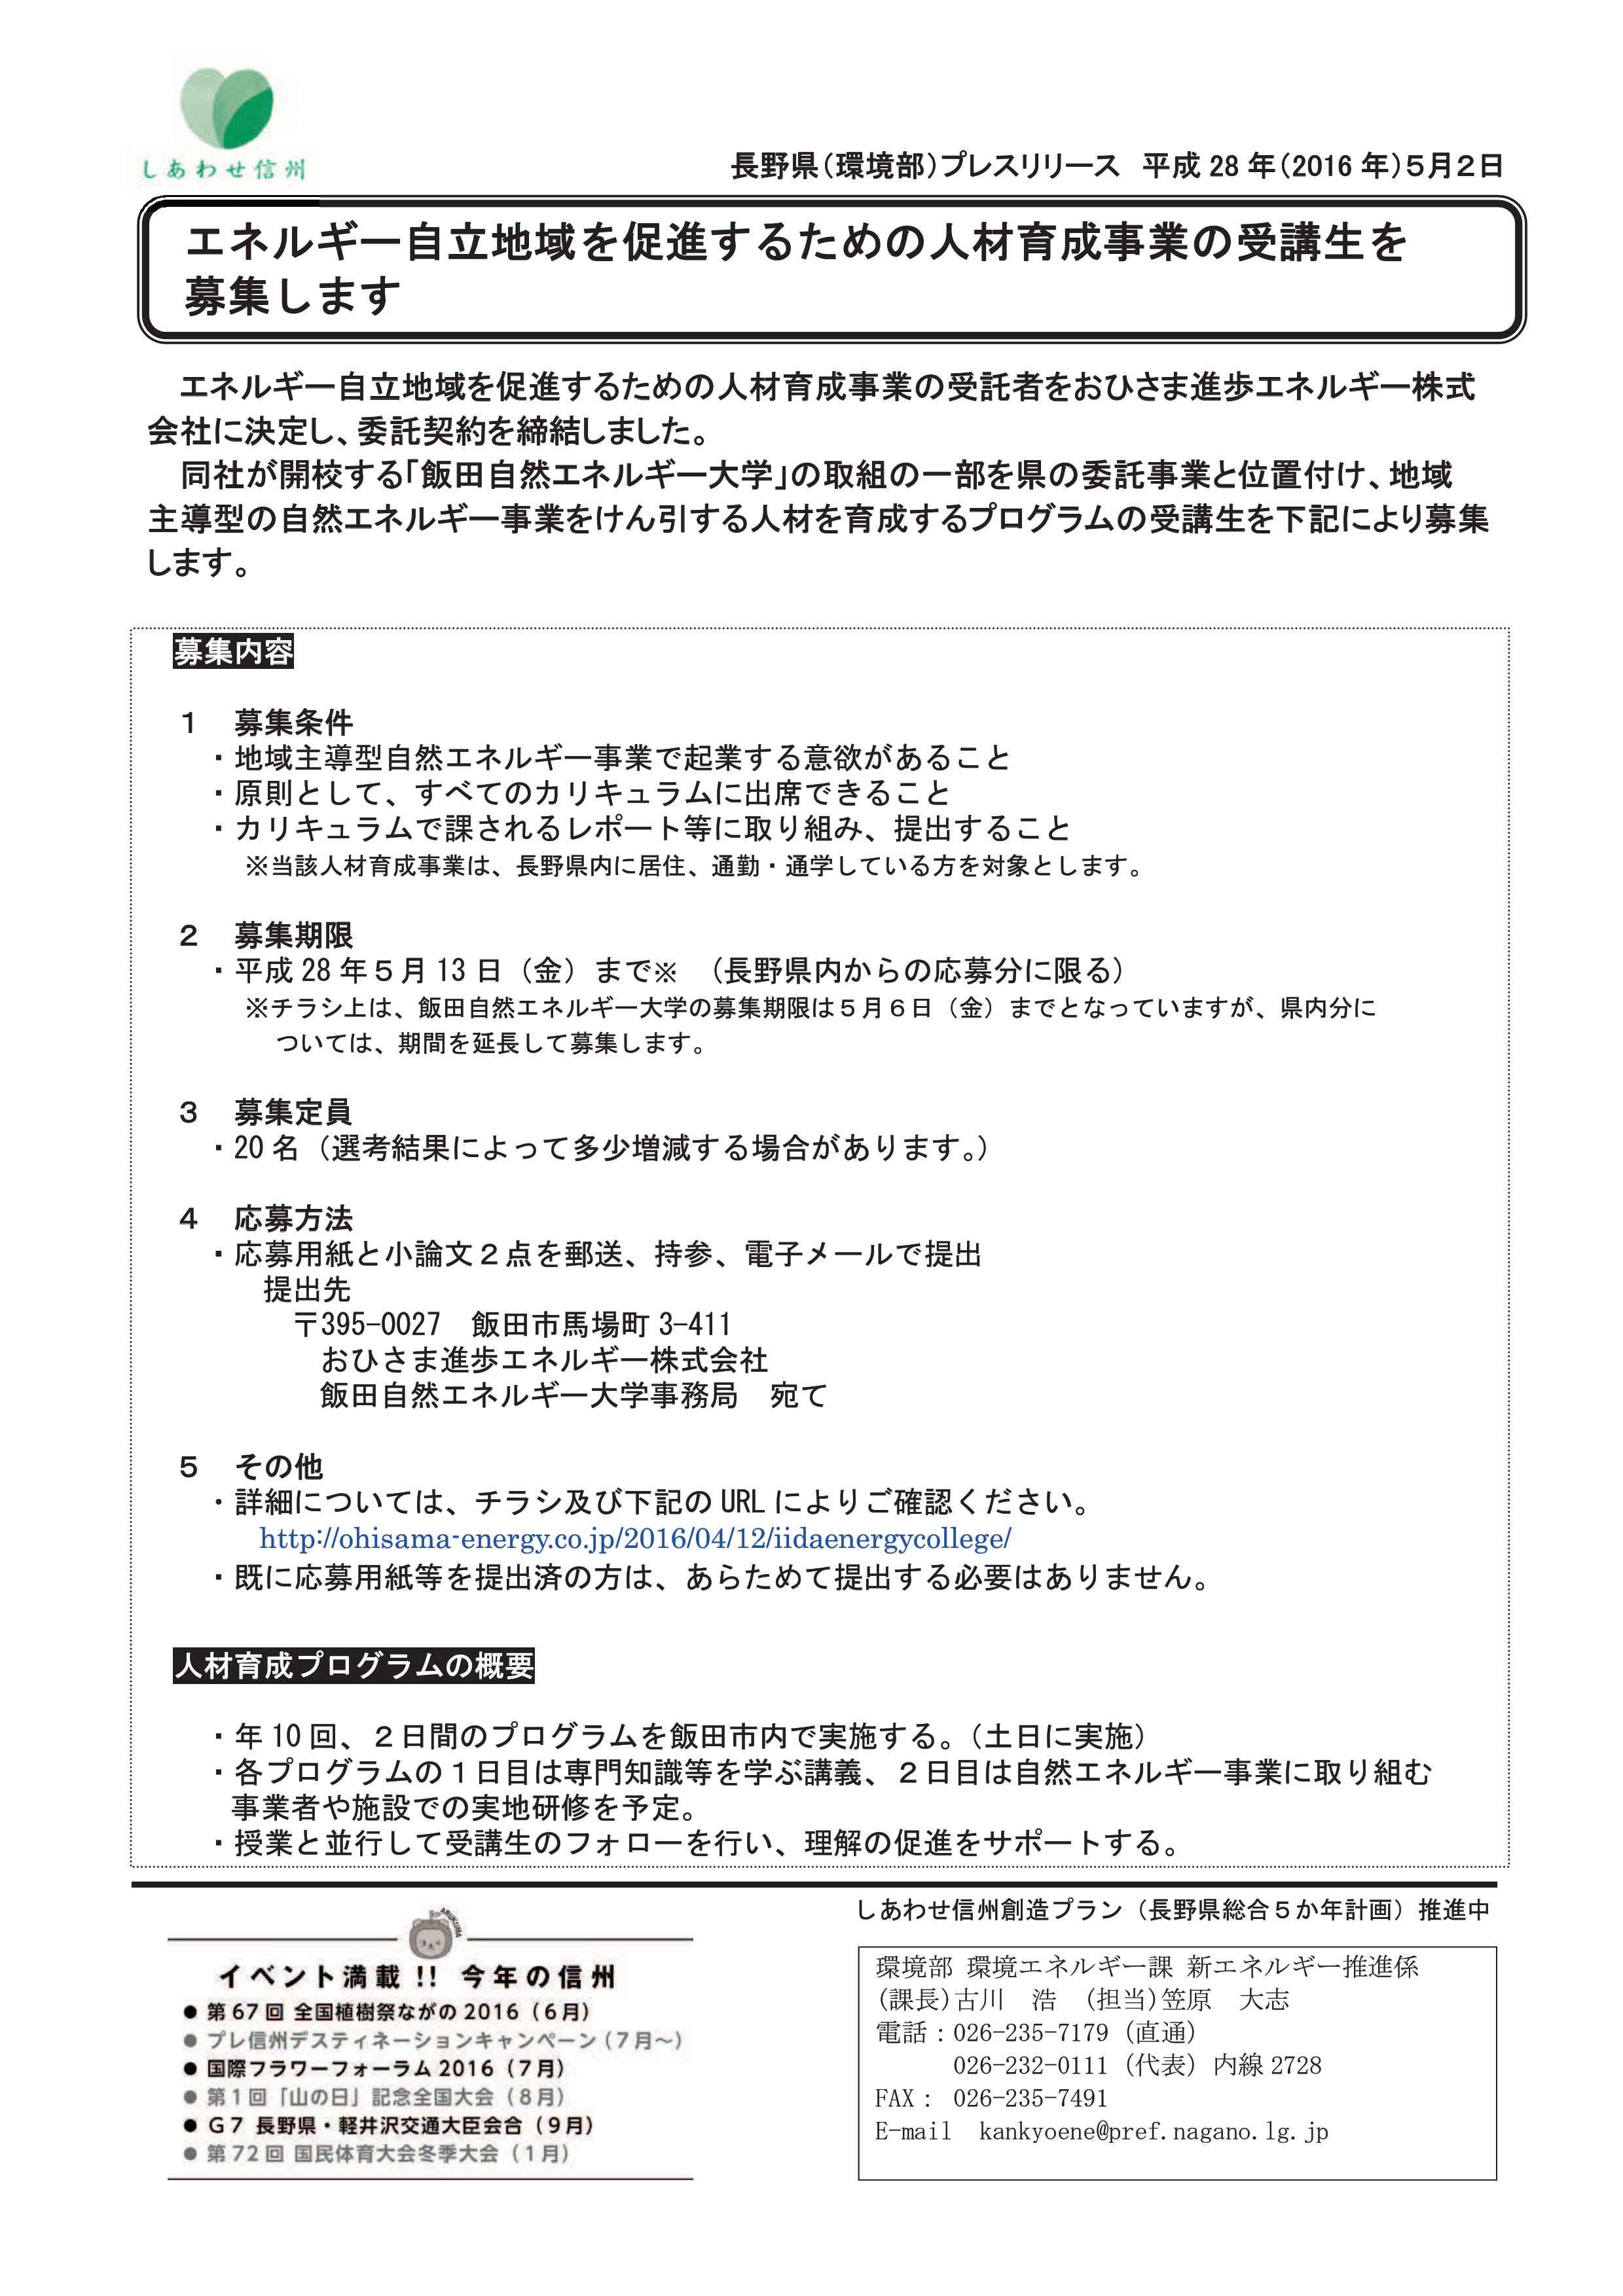 20160502プレスリリース資料_page001